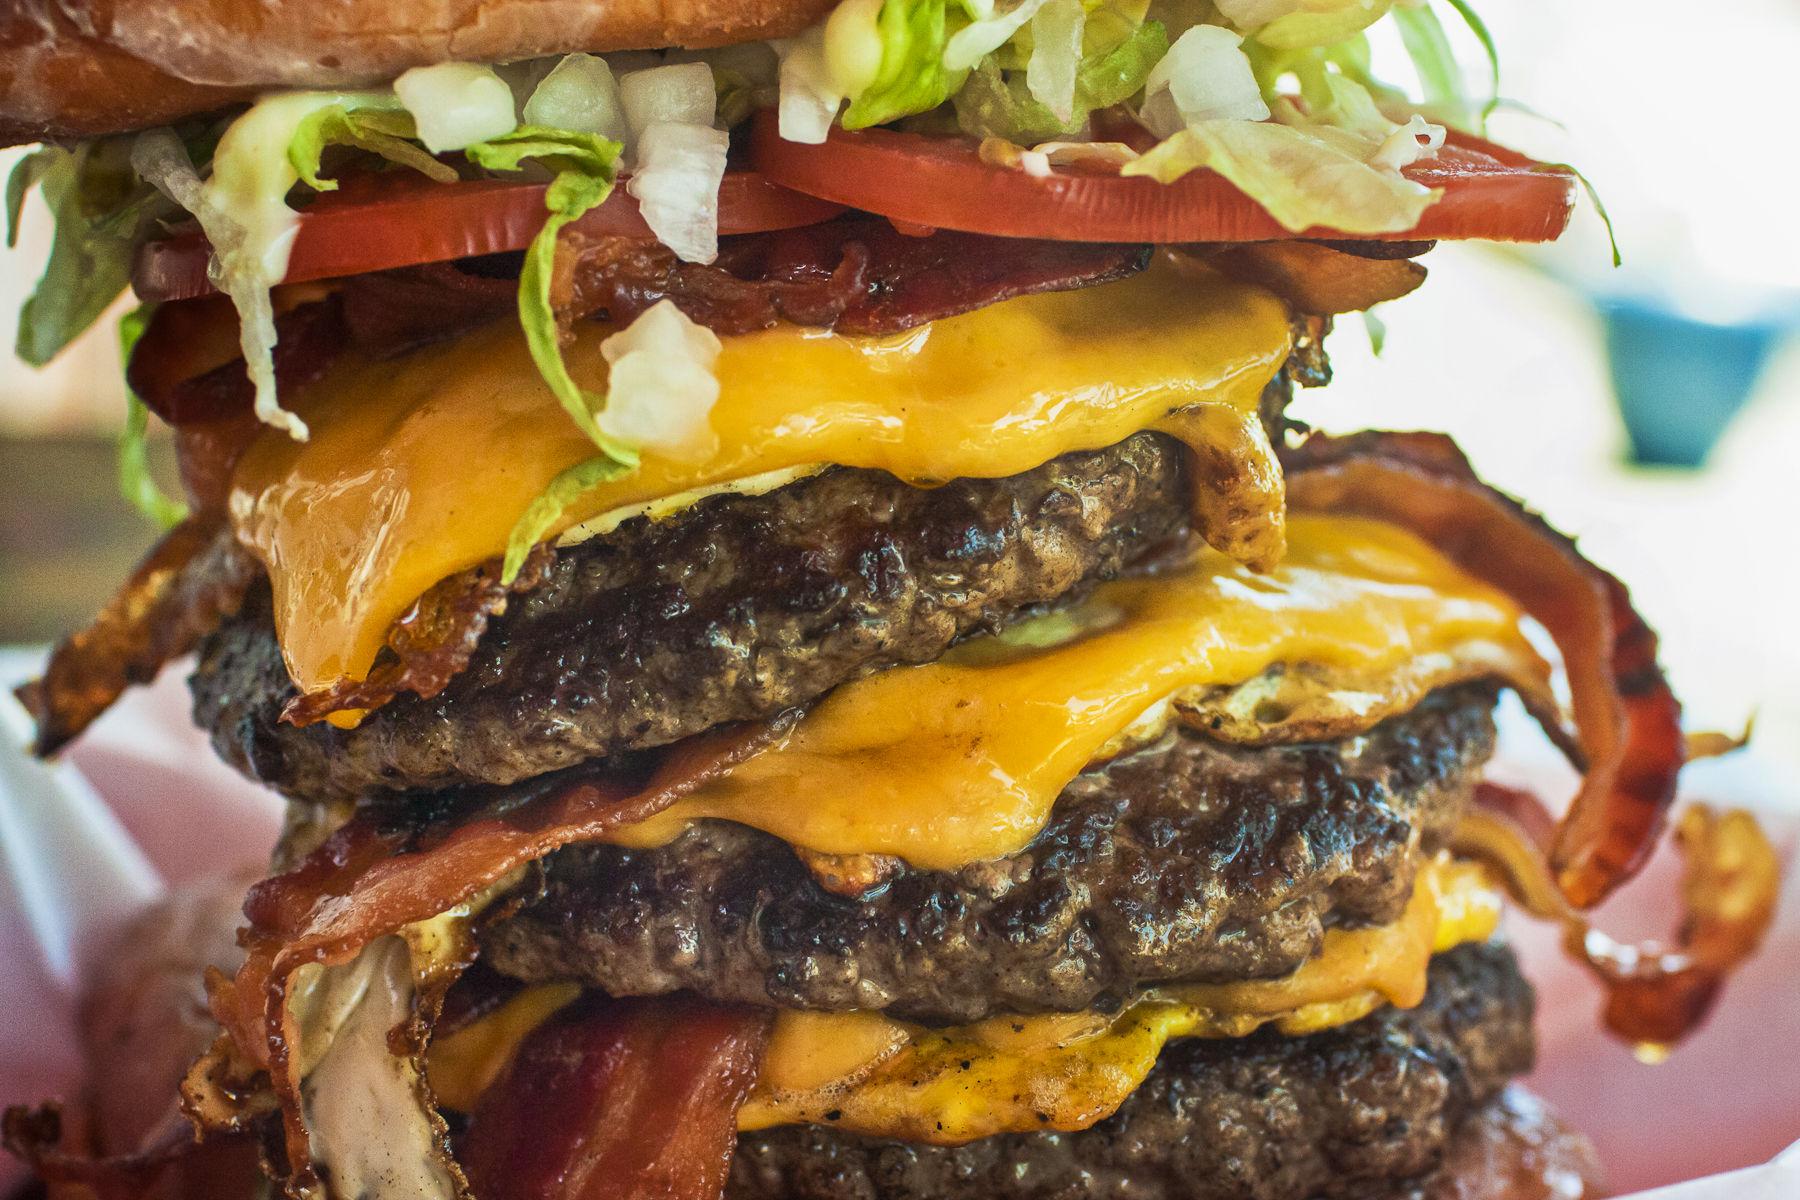 Chicago S Delicious Burger Battle Big Big Big Vs Bagged